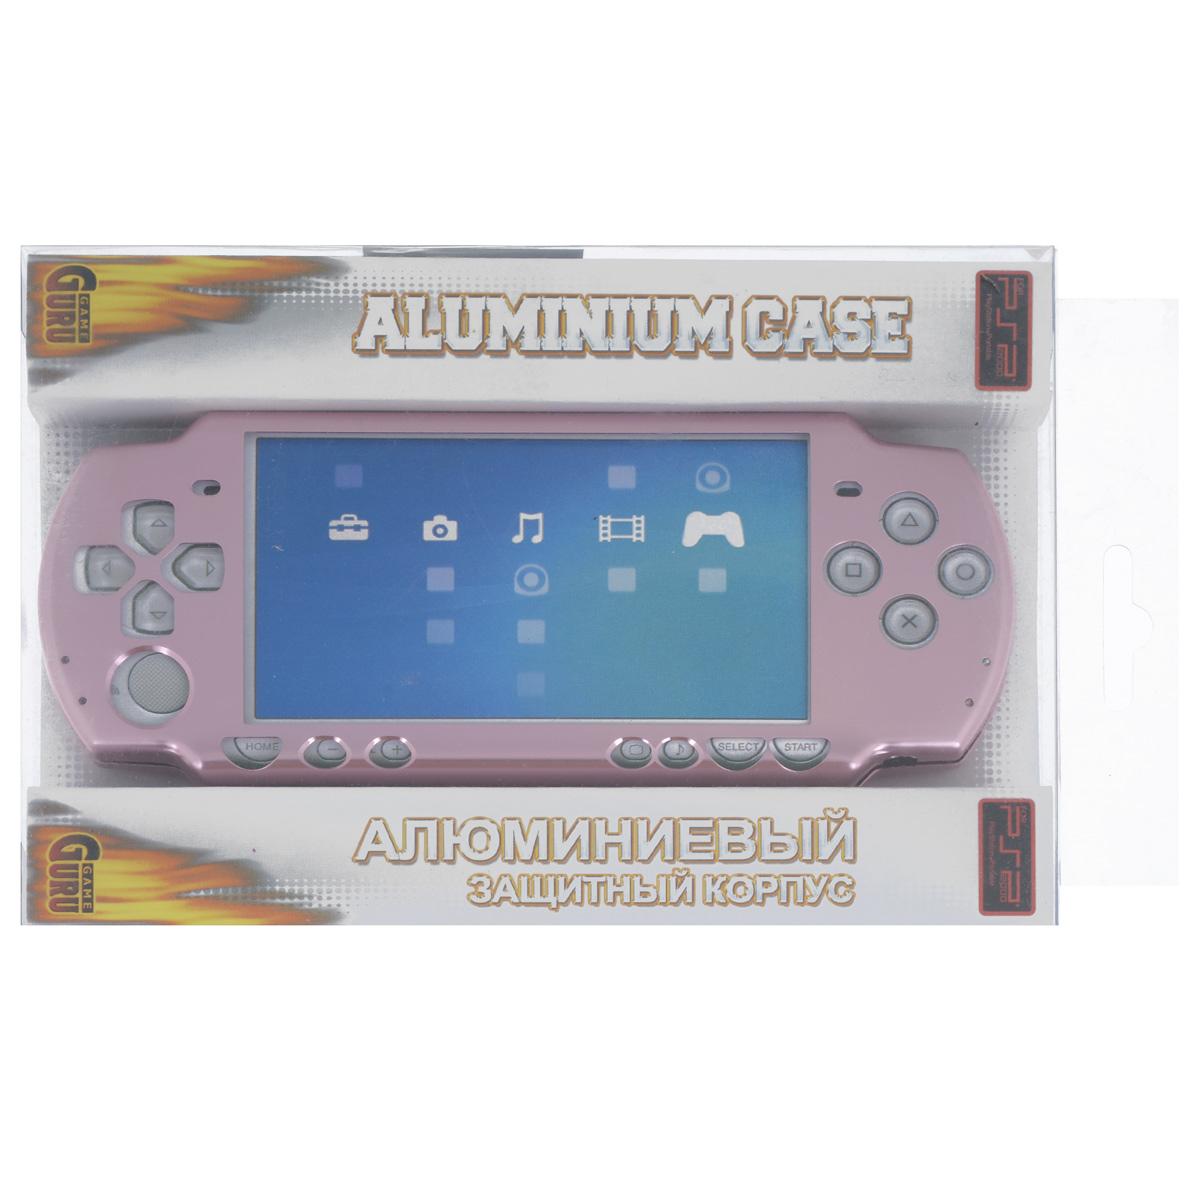 Алюминиевый защитный корпус Game Guru для Sony PSP 2000/3000 (розовый) for sony sony psp 2000 3000 for psp 2000 3000